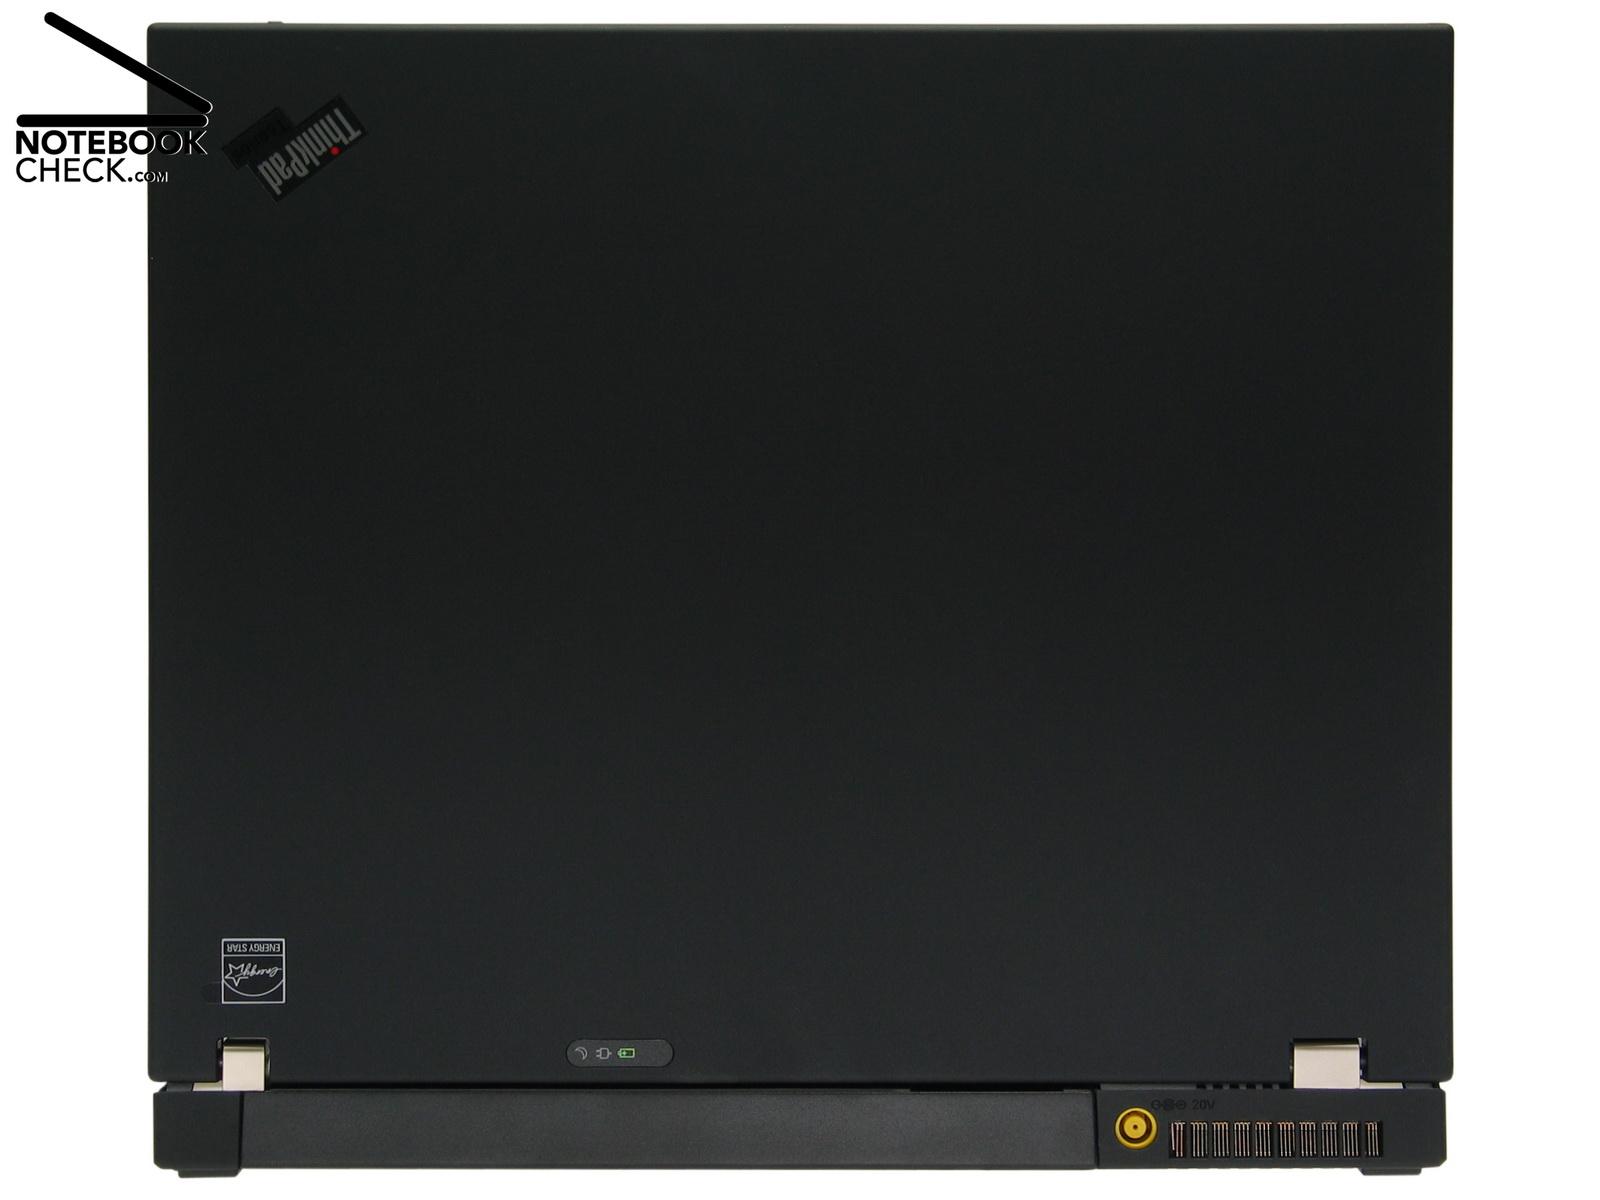 LENOVO T61 NVIDIA QUADRO NVS 140M DRIVERS FOR WINDOWS XP